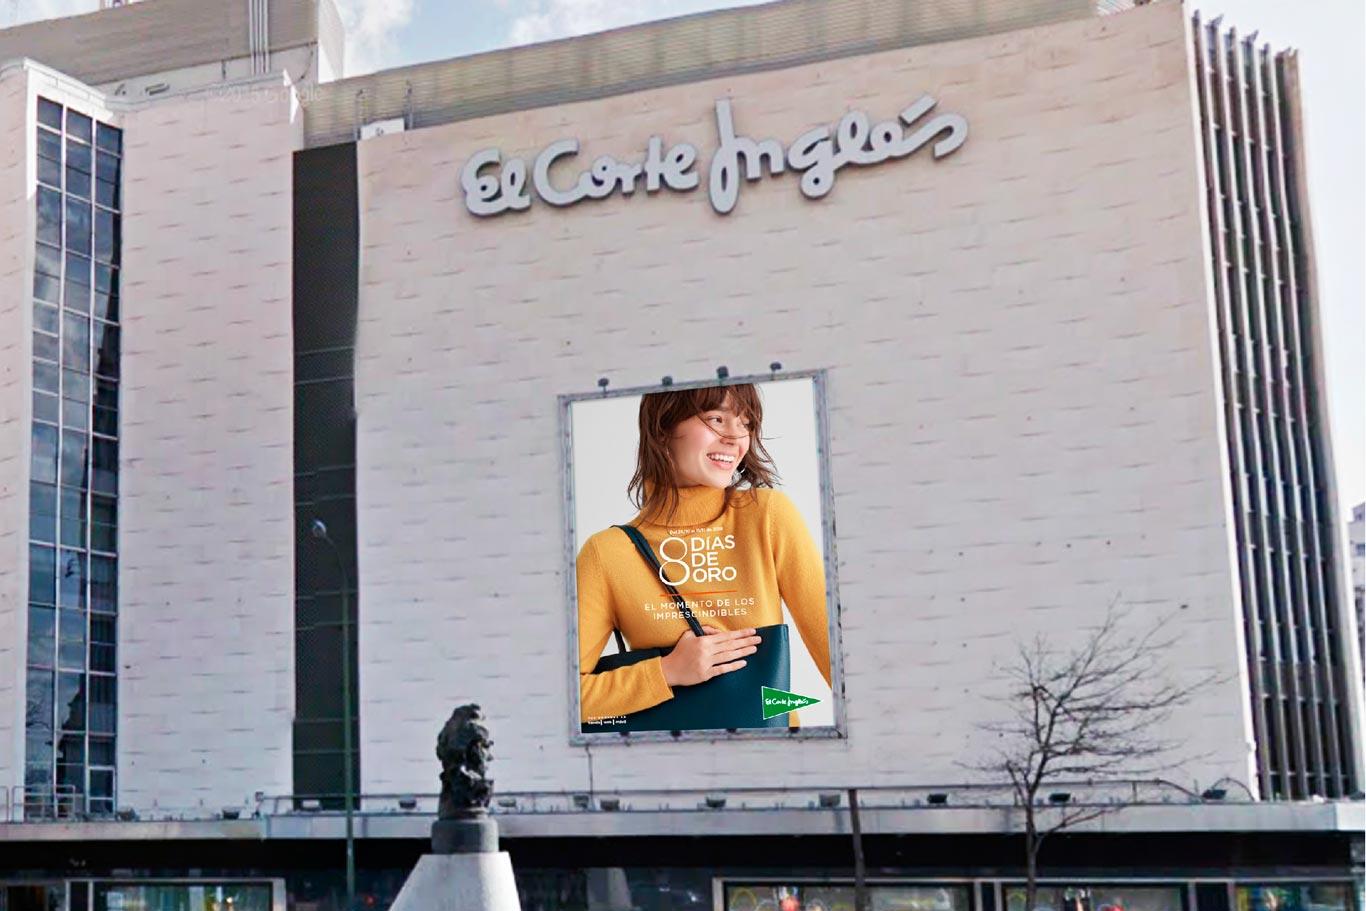 Lo mejor de los 8 Días de Oro de El Corte Inglés - Dream Alcalá f34b8aa1164